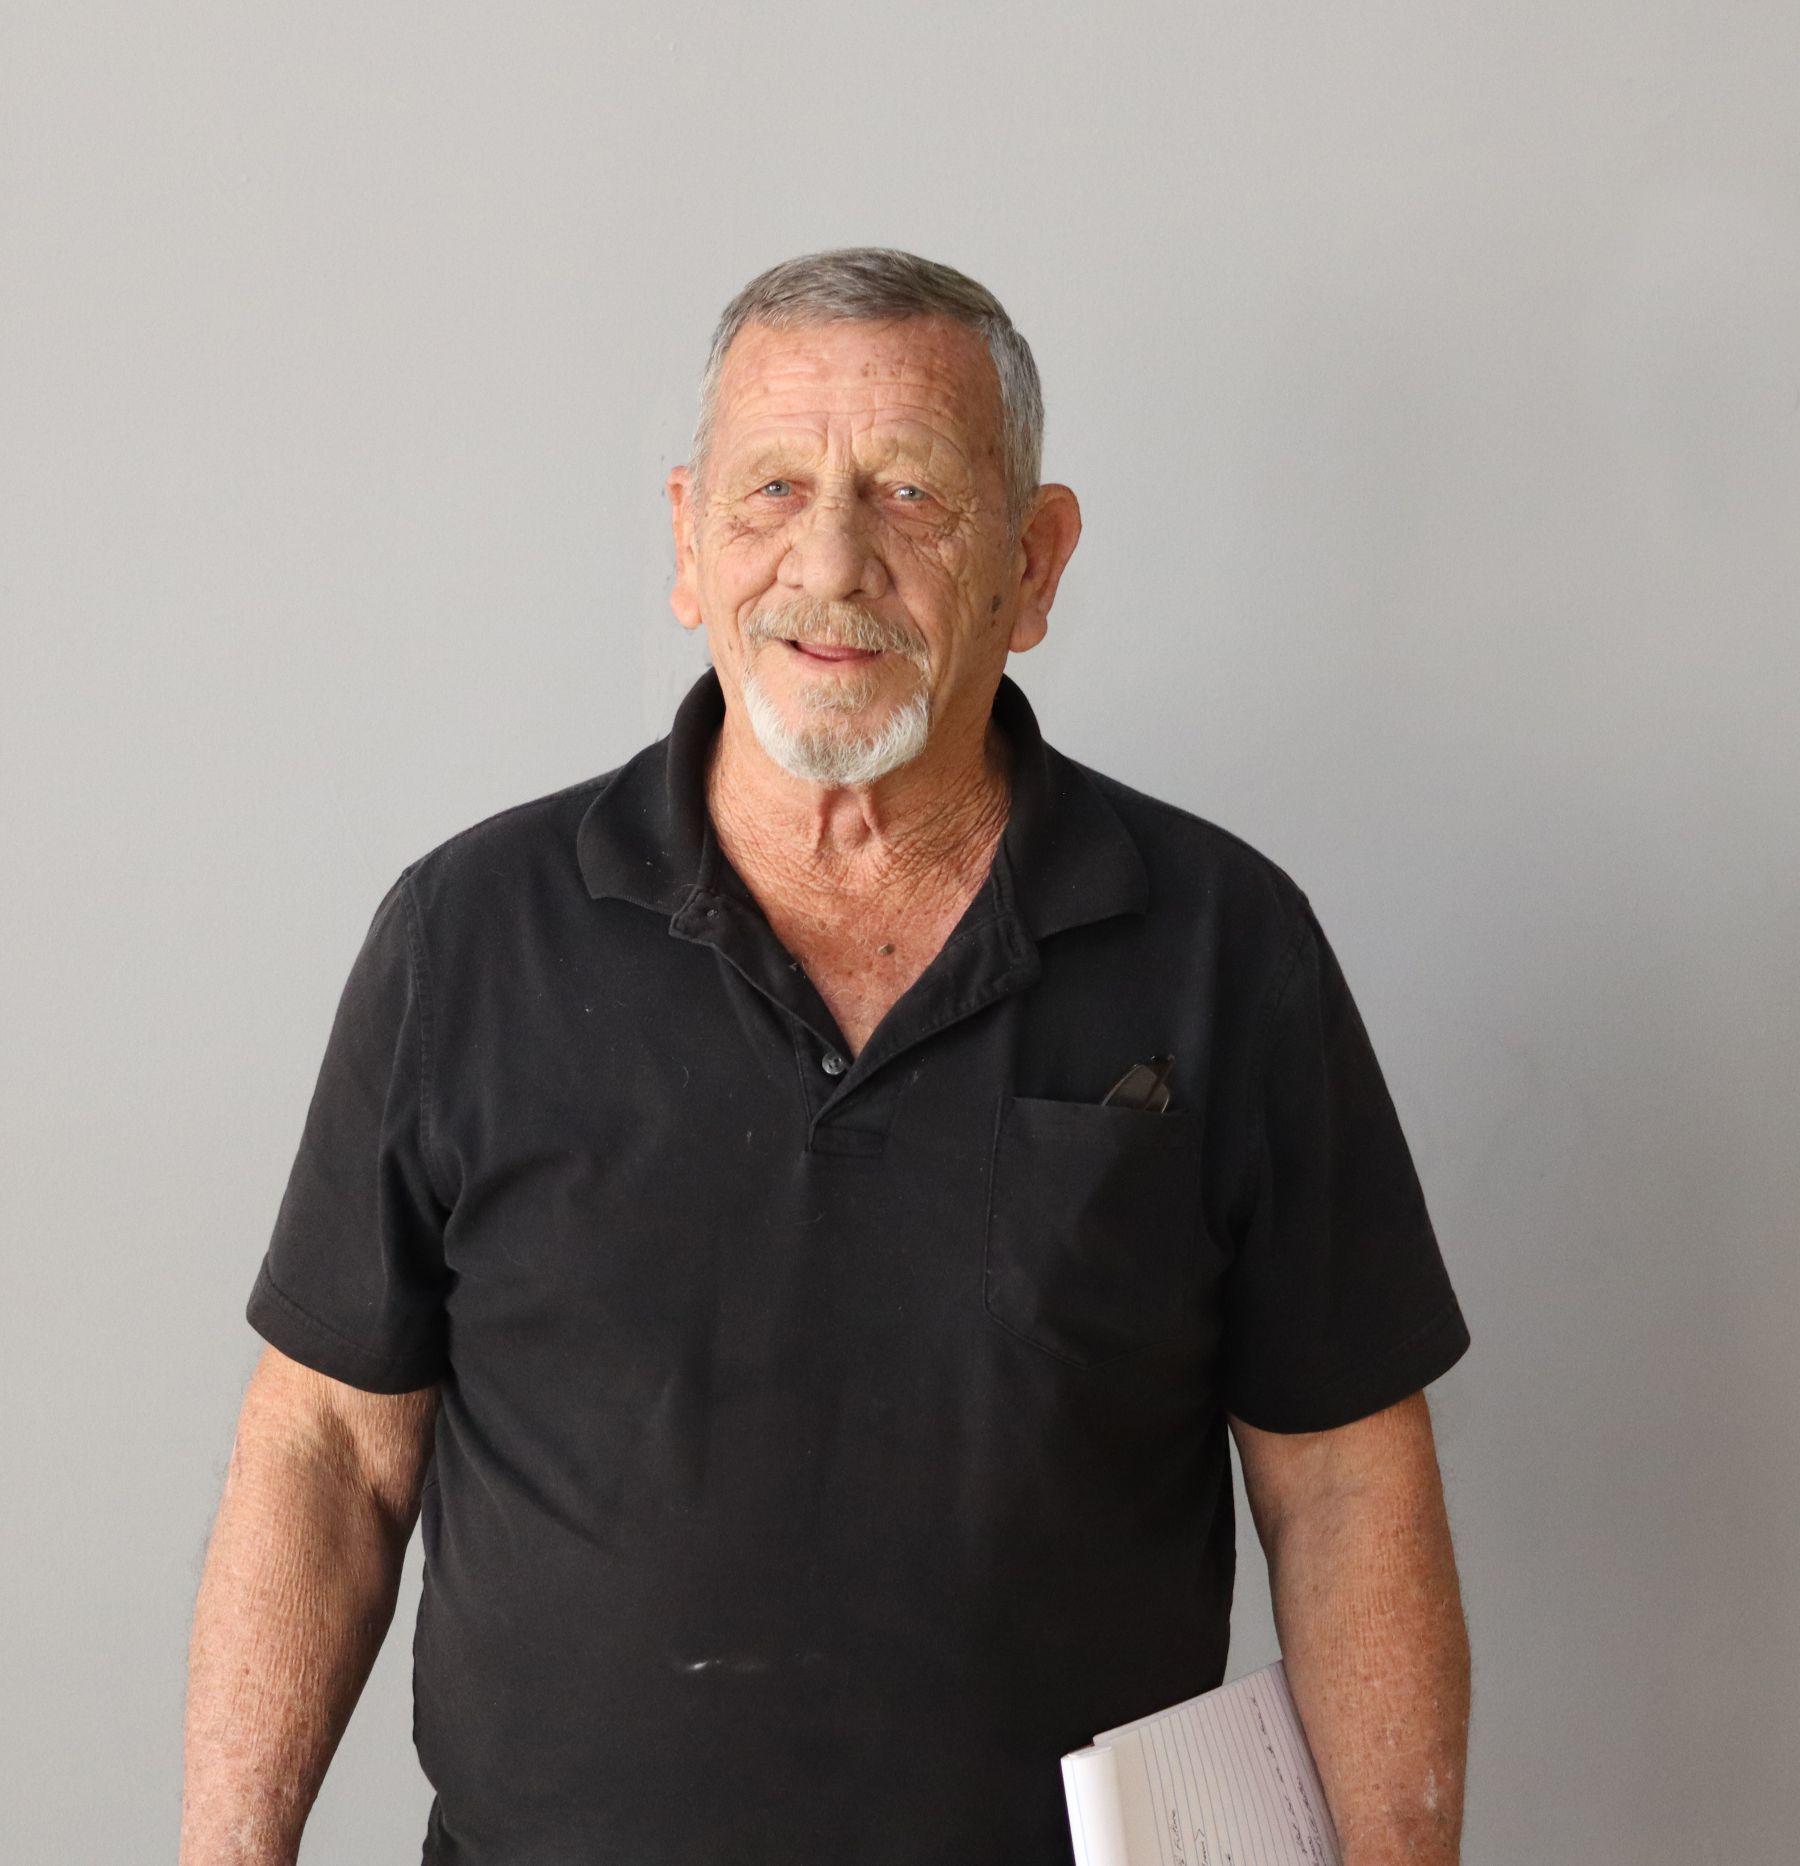 Bob Crumpton